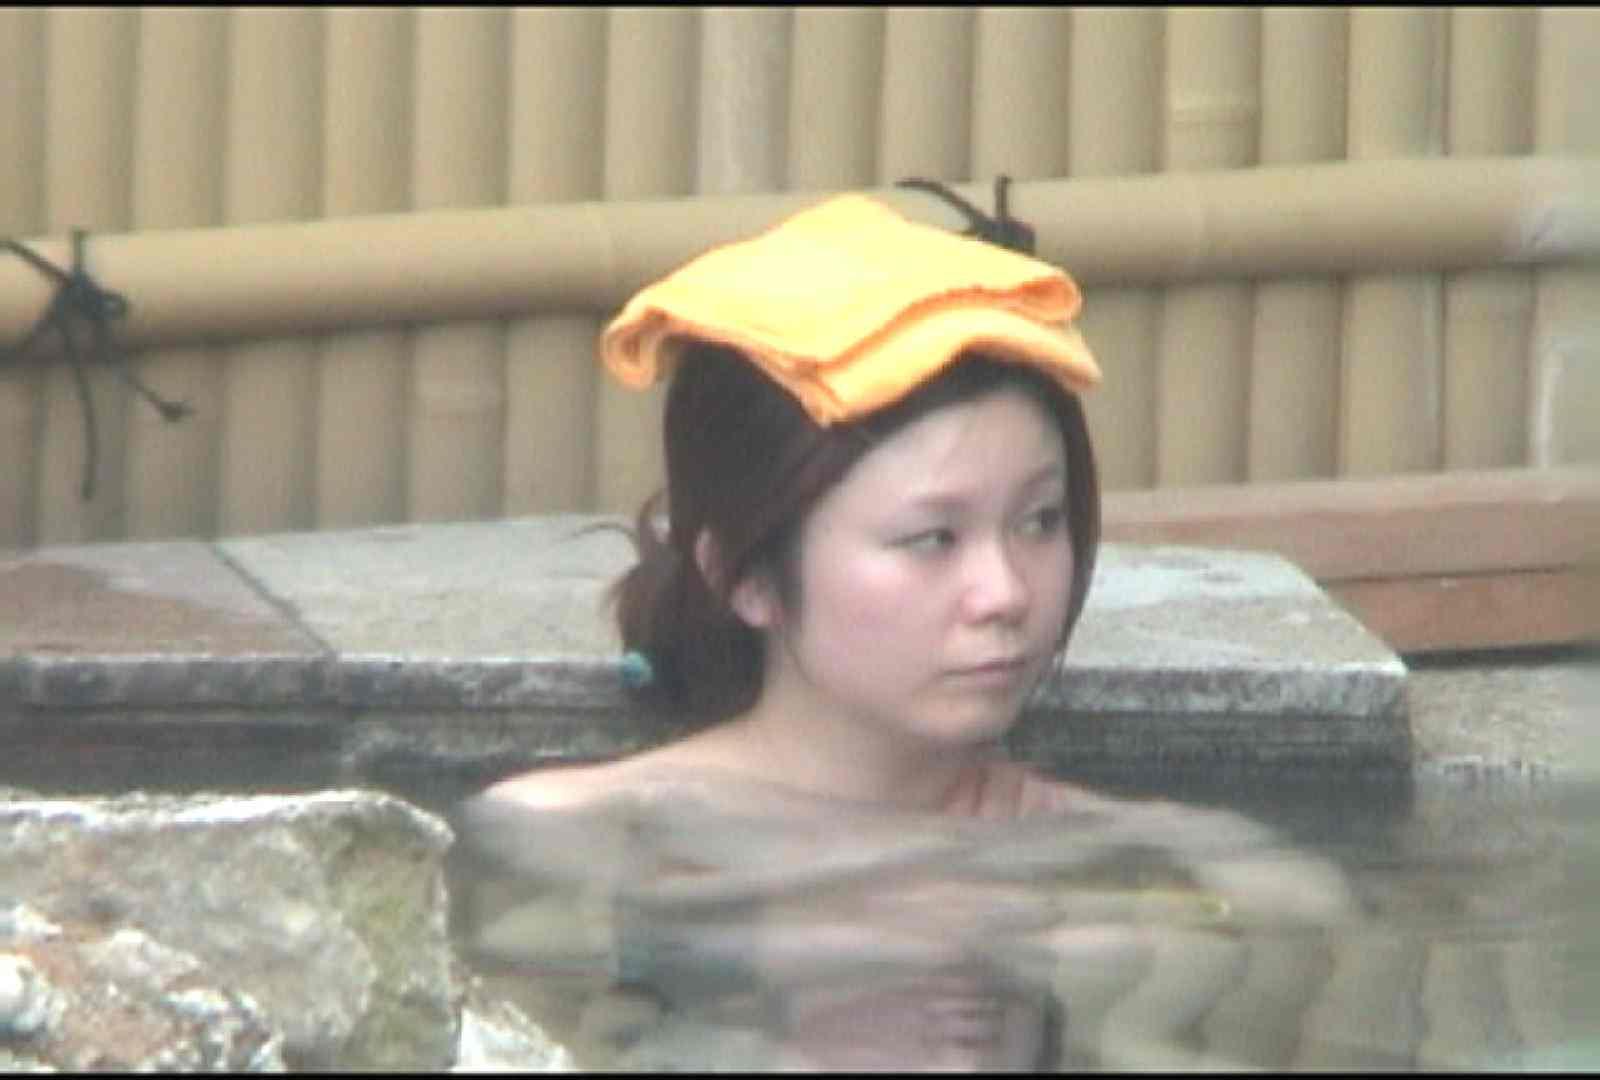 Aquaな露天風呂Vol.177 盗撮師作品 | 美しいOLの裸体  102pic 7